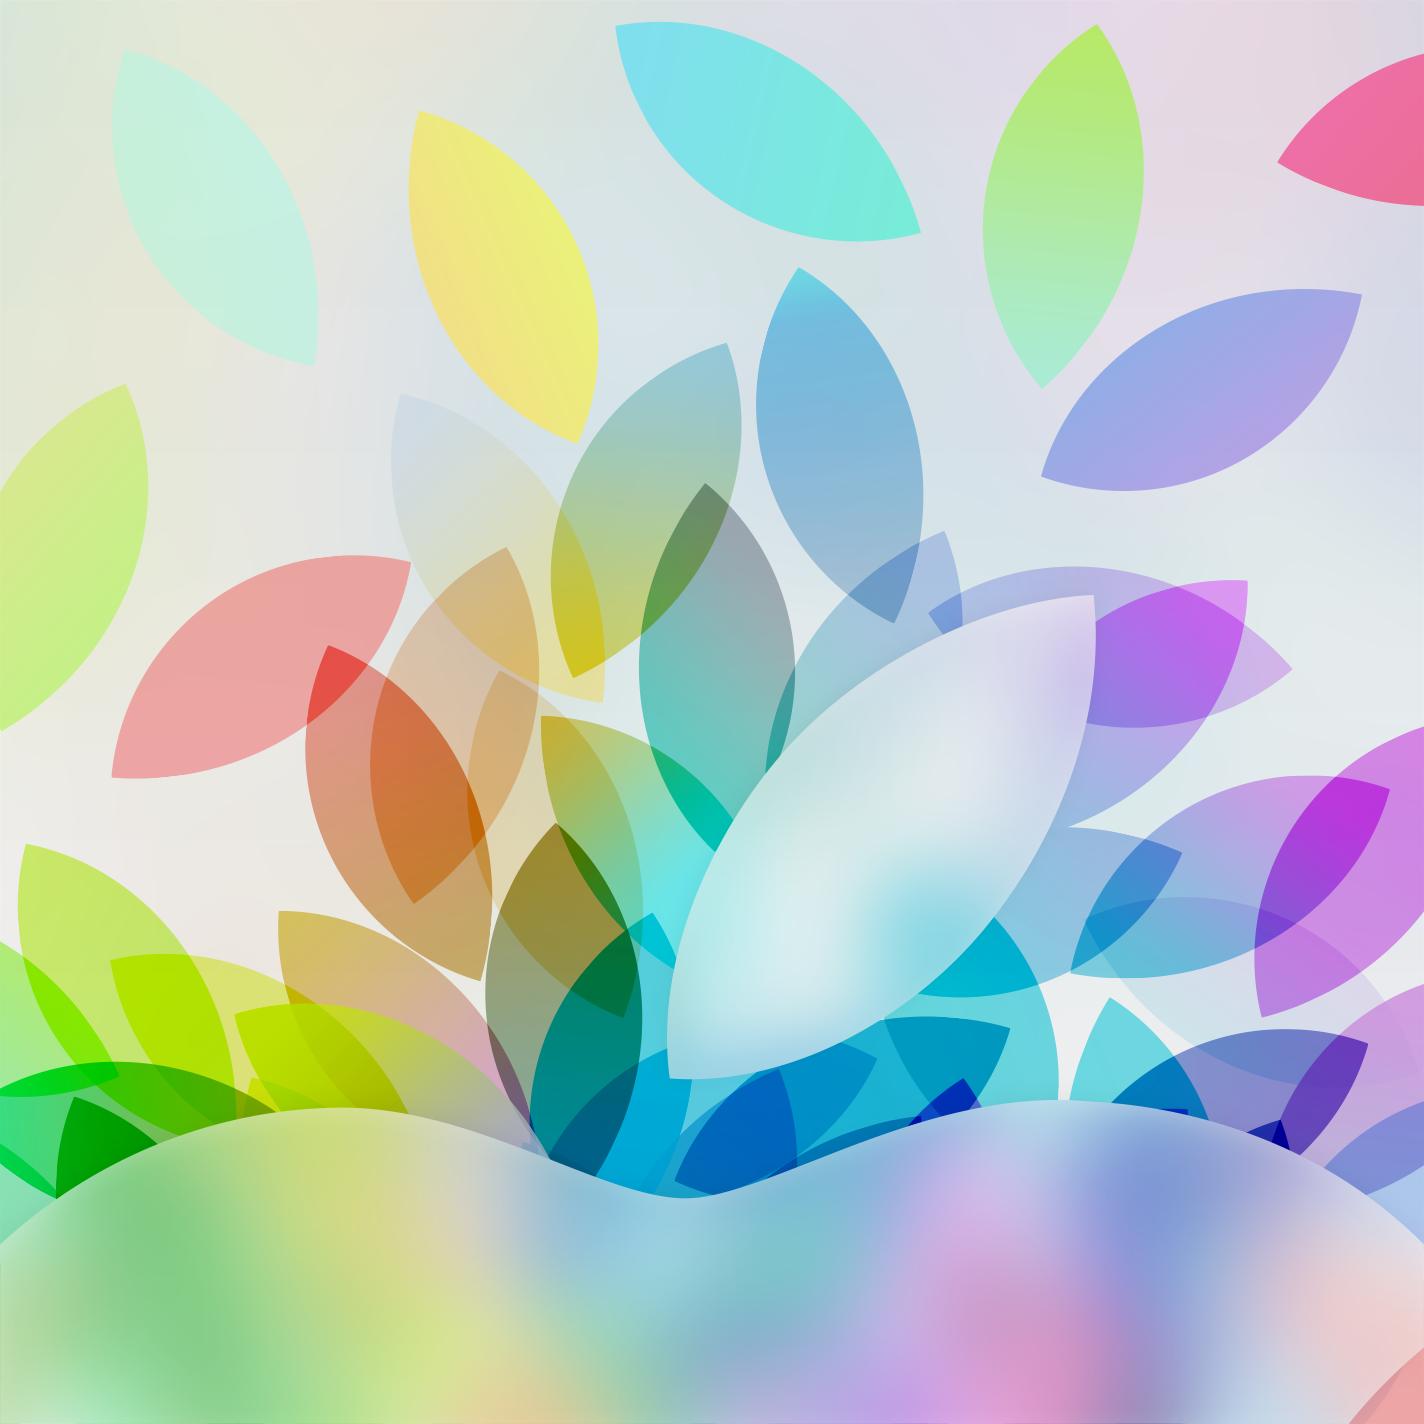 Wallpaper criado por Surenix - iPad [mini]